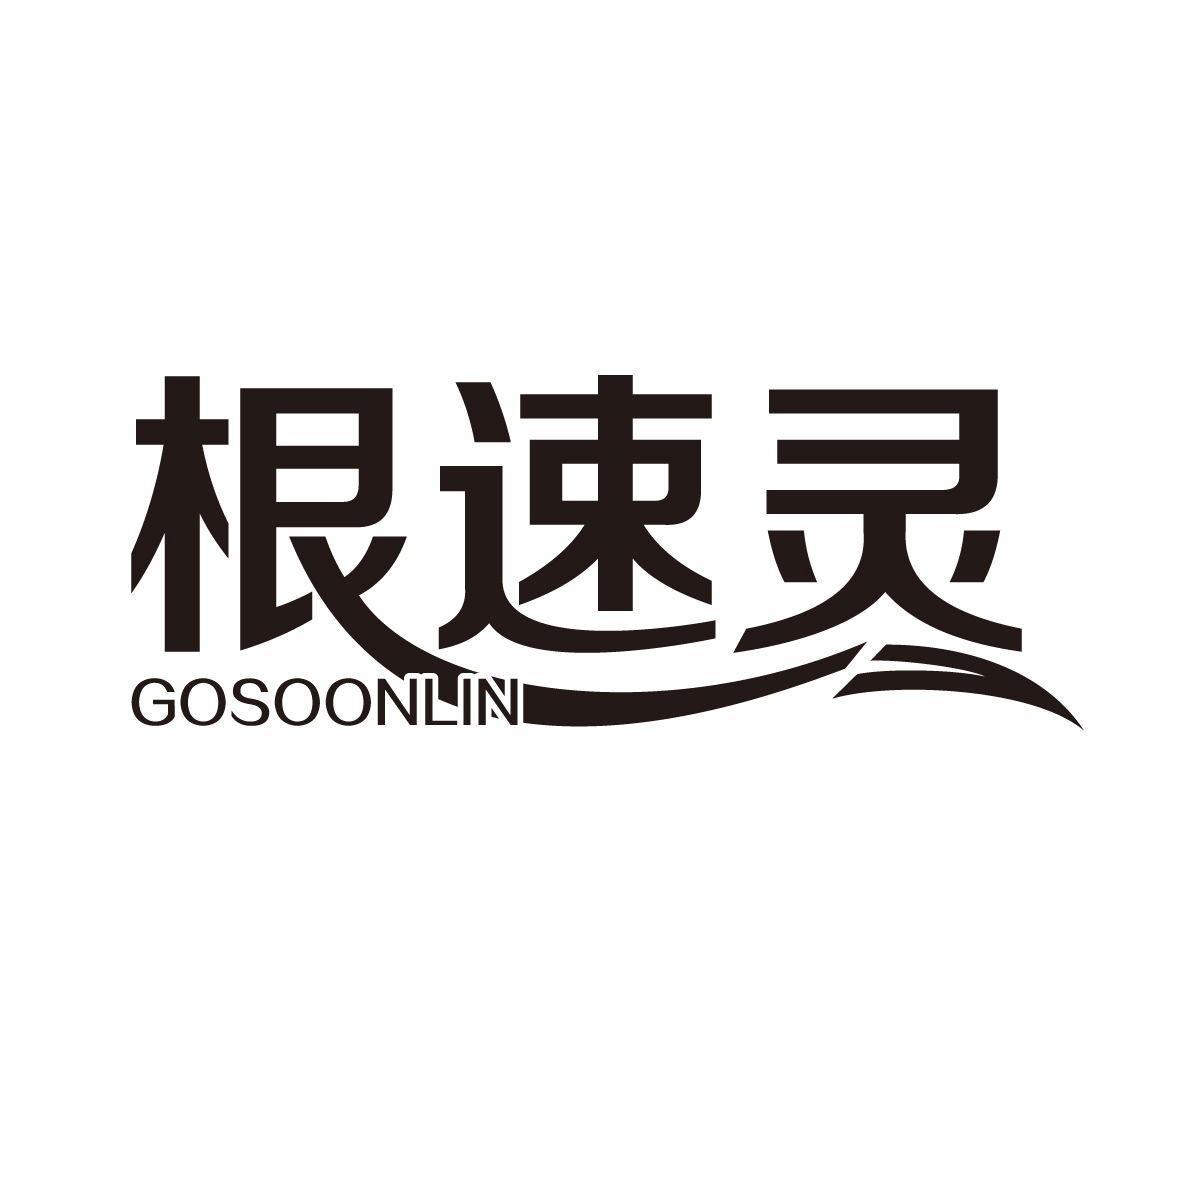 转让商标-根速灵 GOSOONLIN